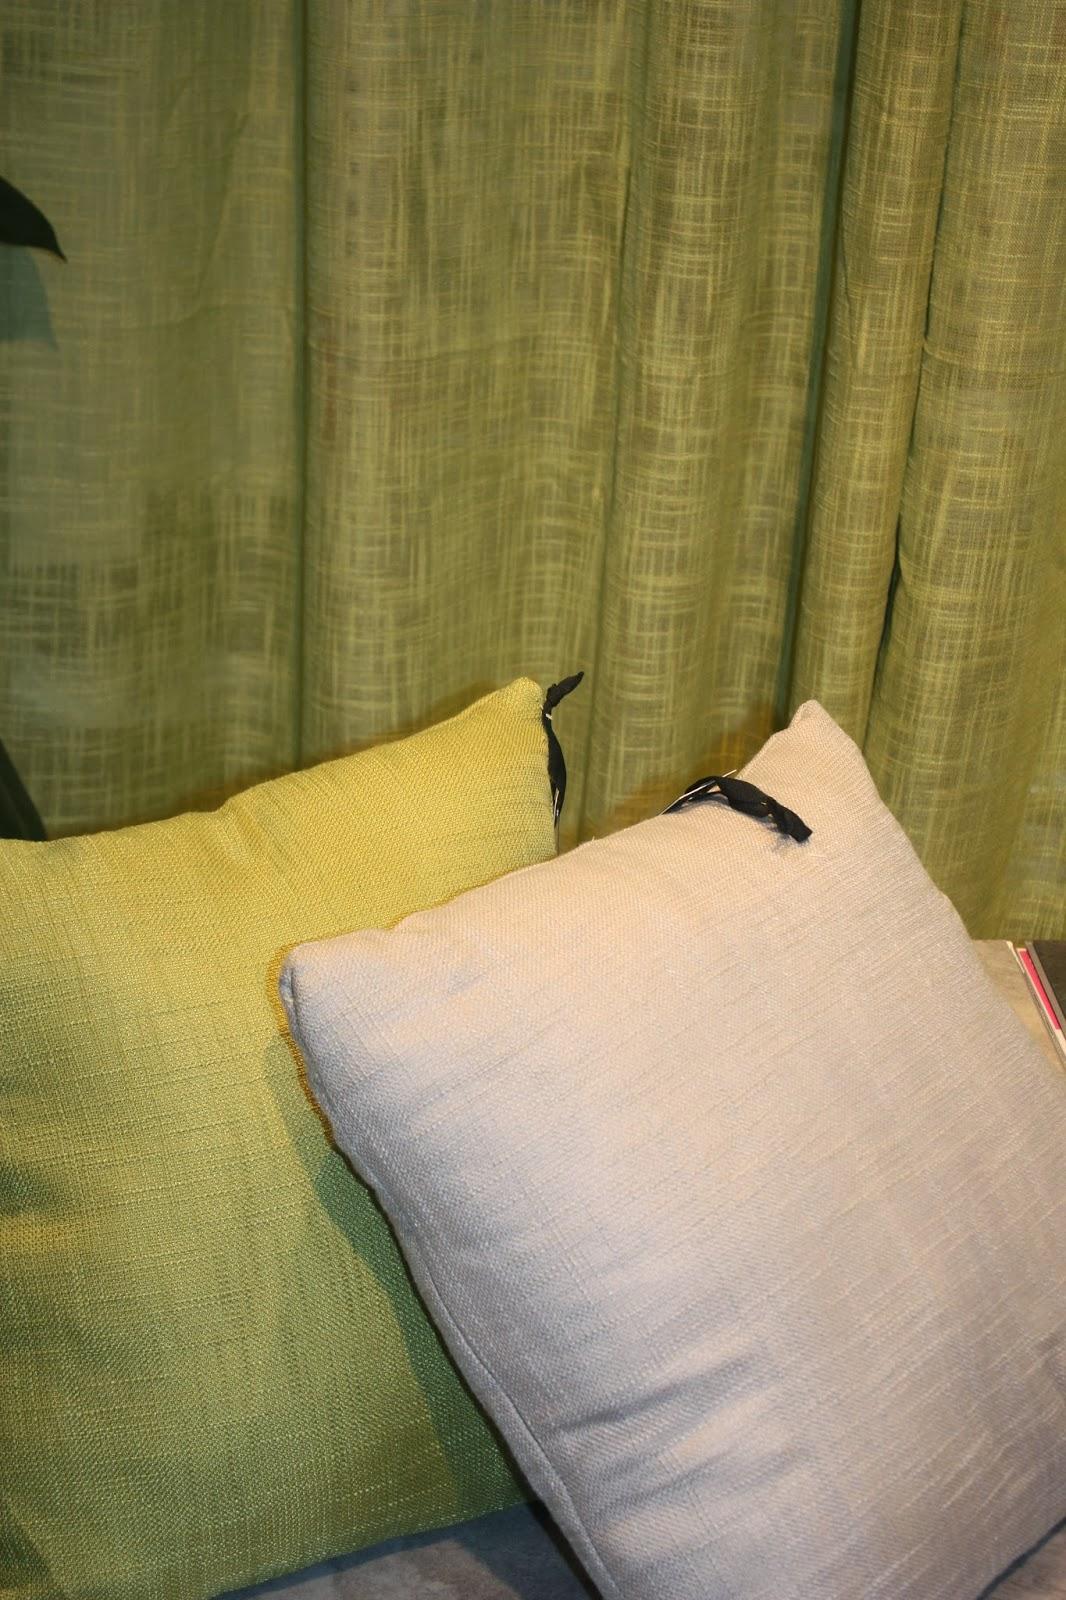 Colorama stockholmsvägen mariestad: rengöring, golv och textilier